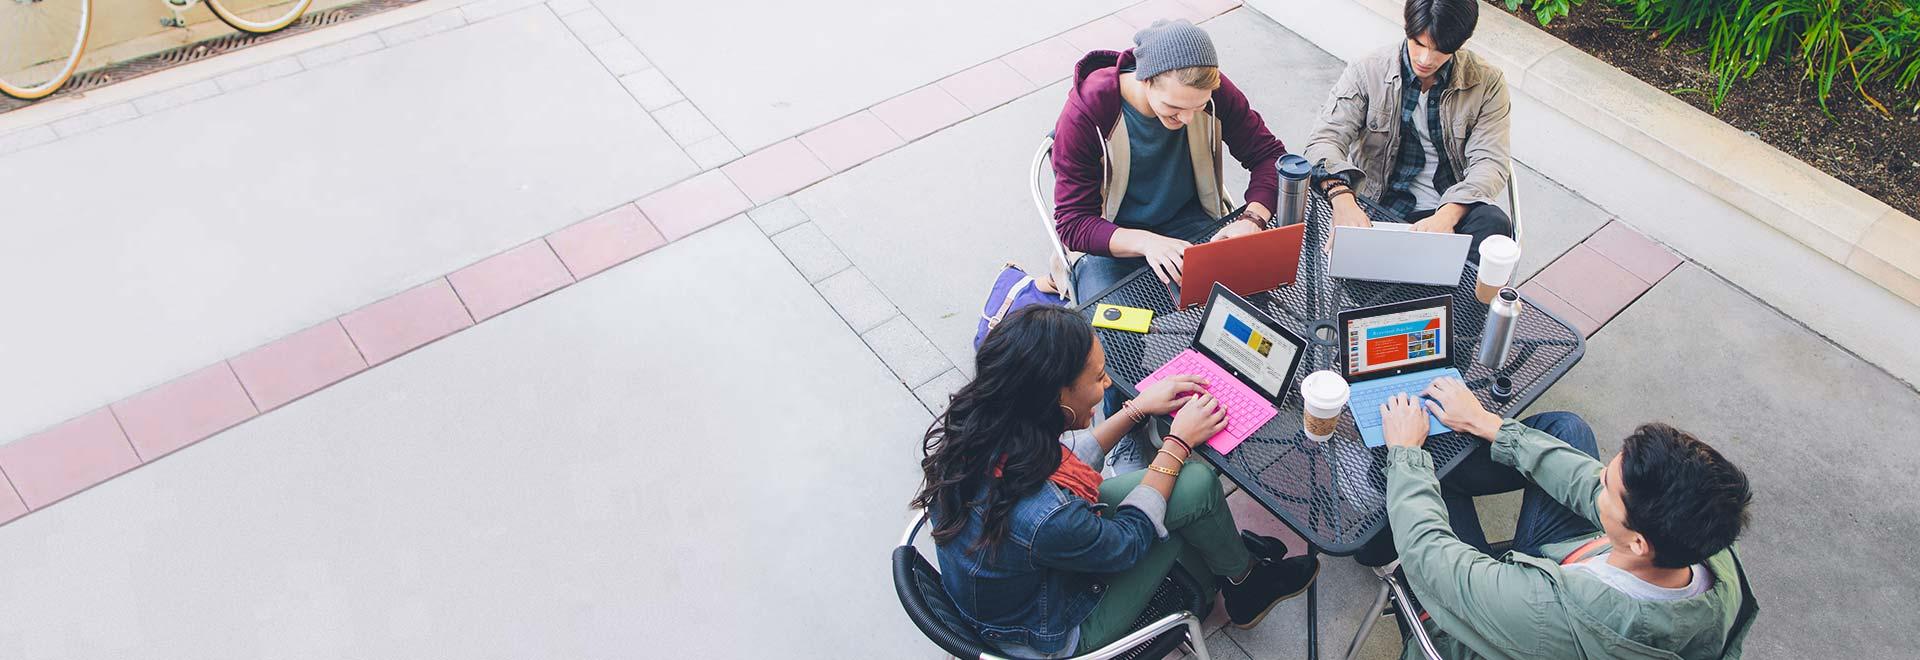 นักเรียน 4 คนนั่งอยู่ที่โต๊ะด้านนอกและใช้ Office 365 for Education บนแท็บเล็ต